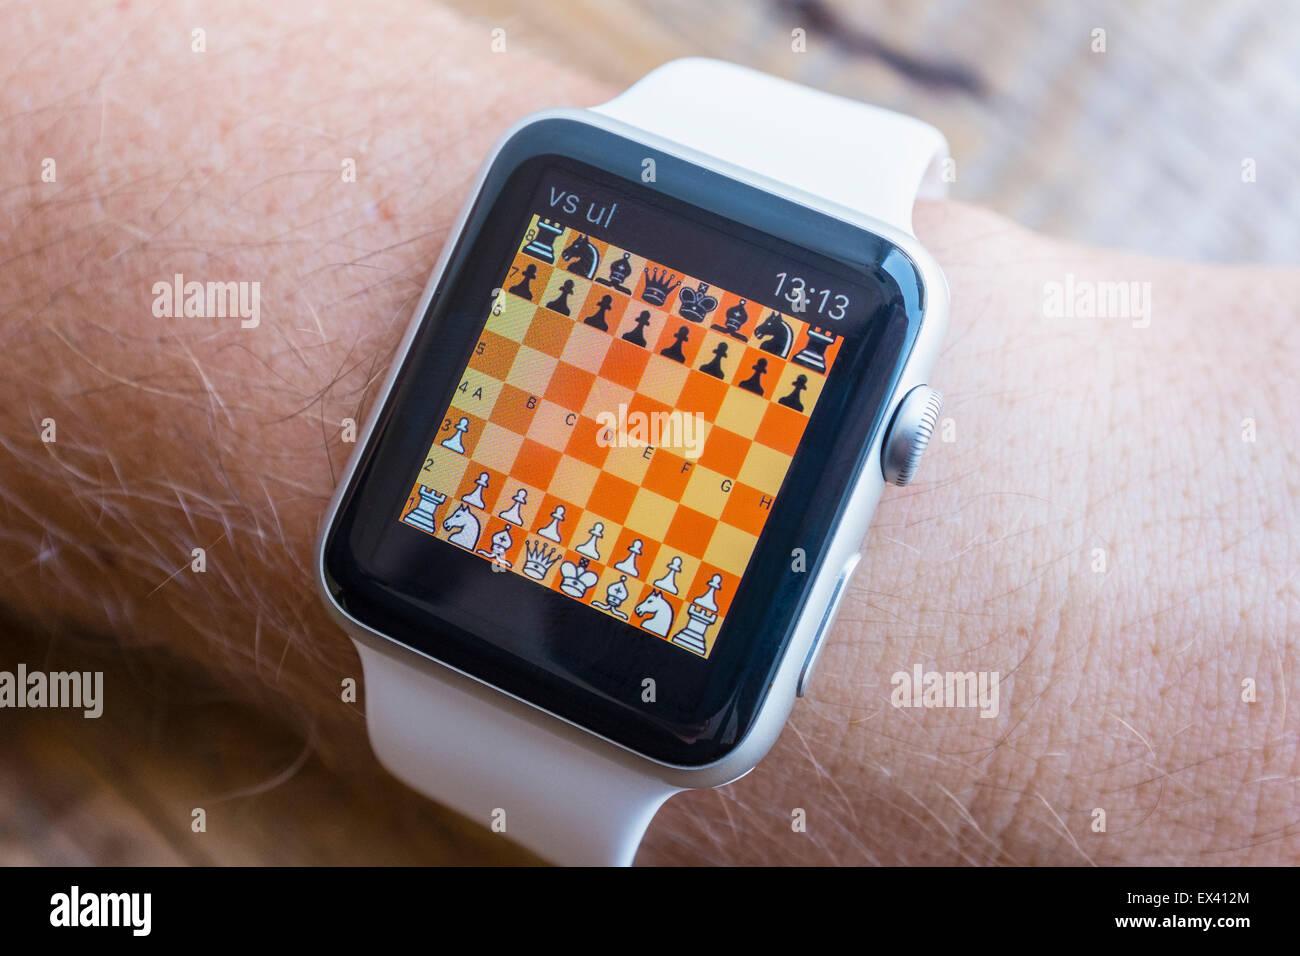 Jeu d'échecs sur un Apple Watch Banque D'Images